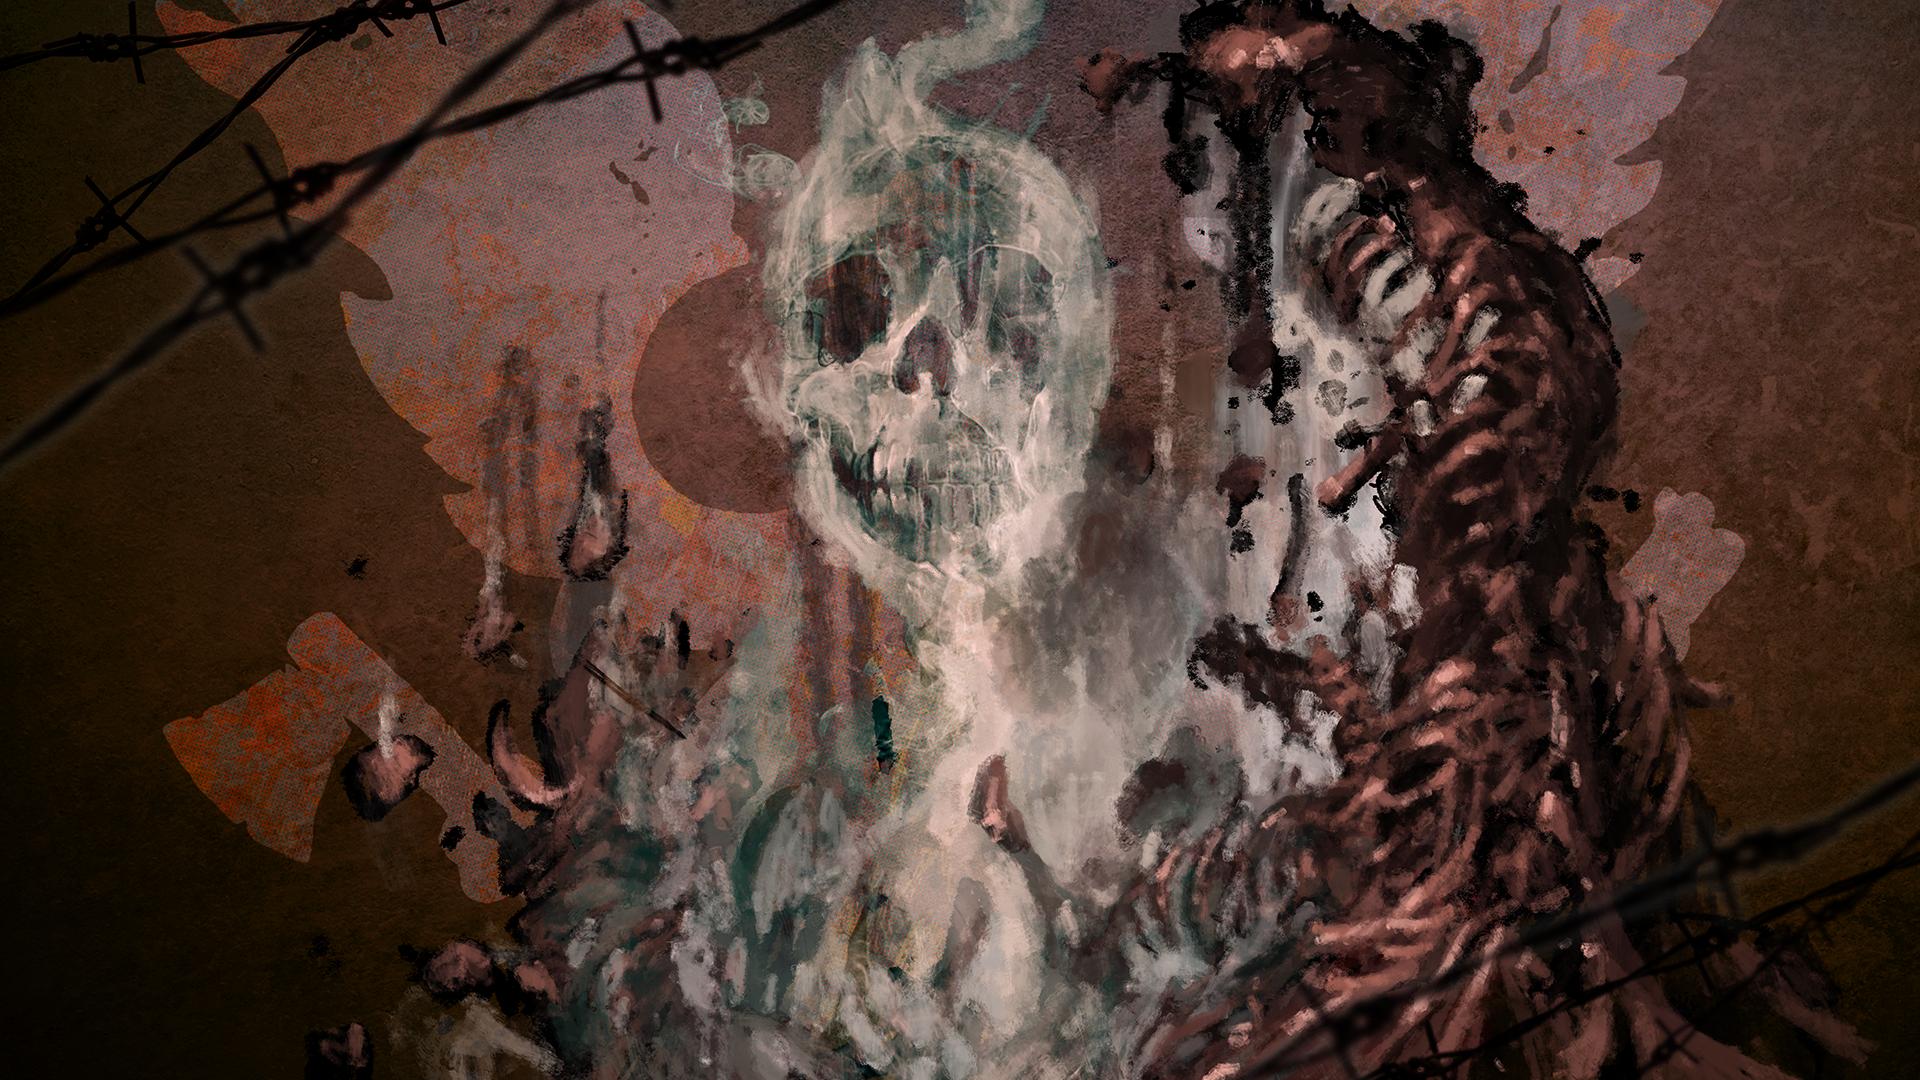 Plague Walls